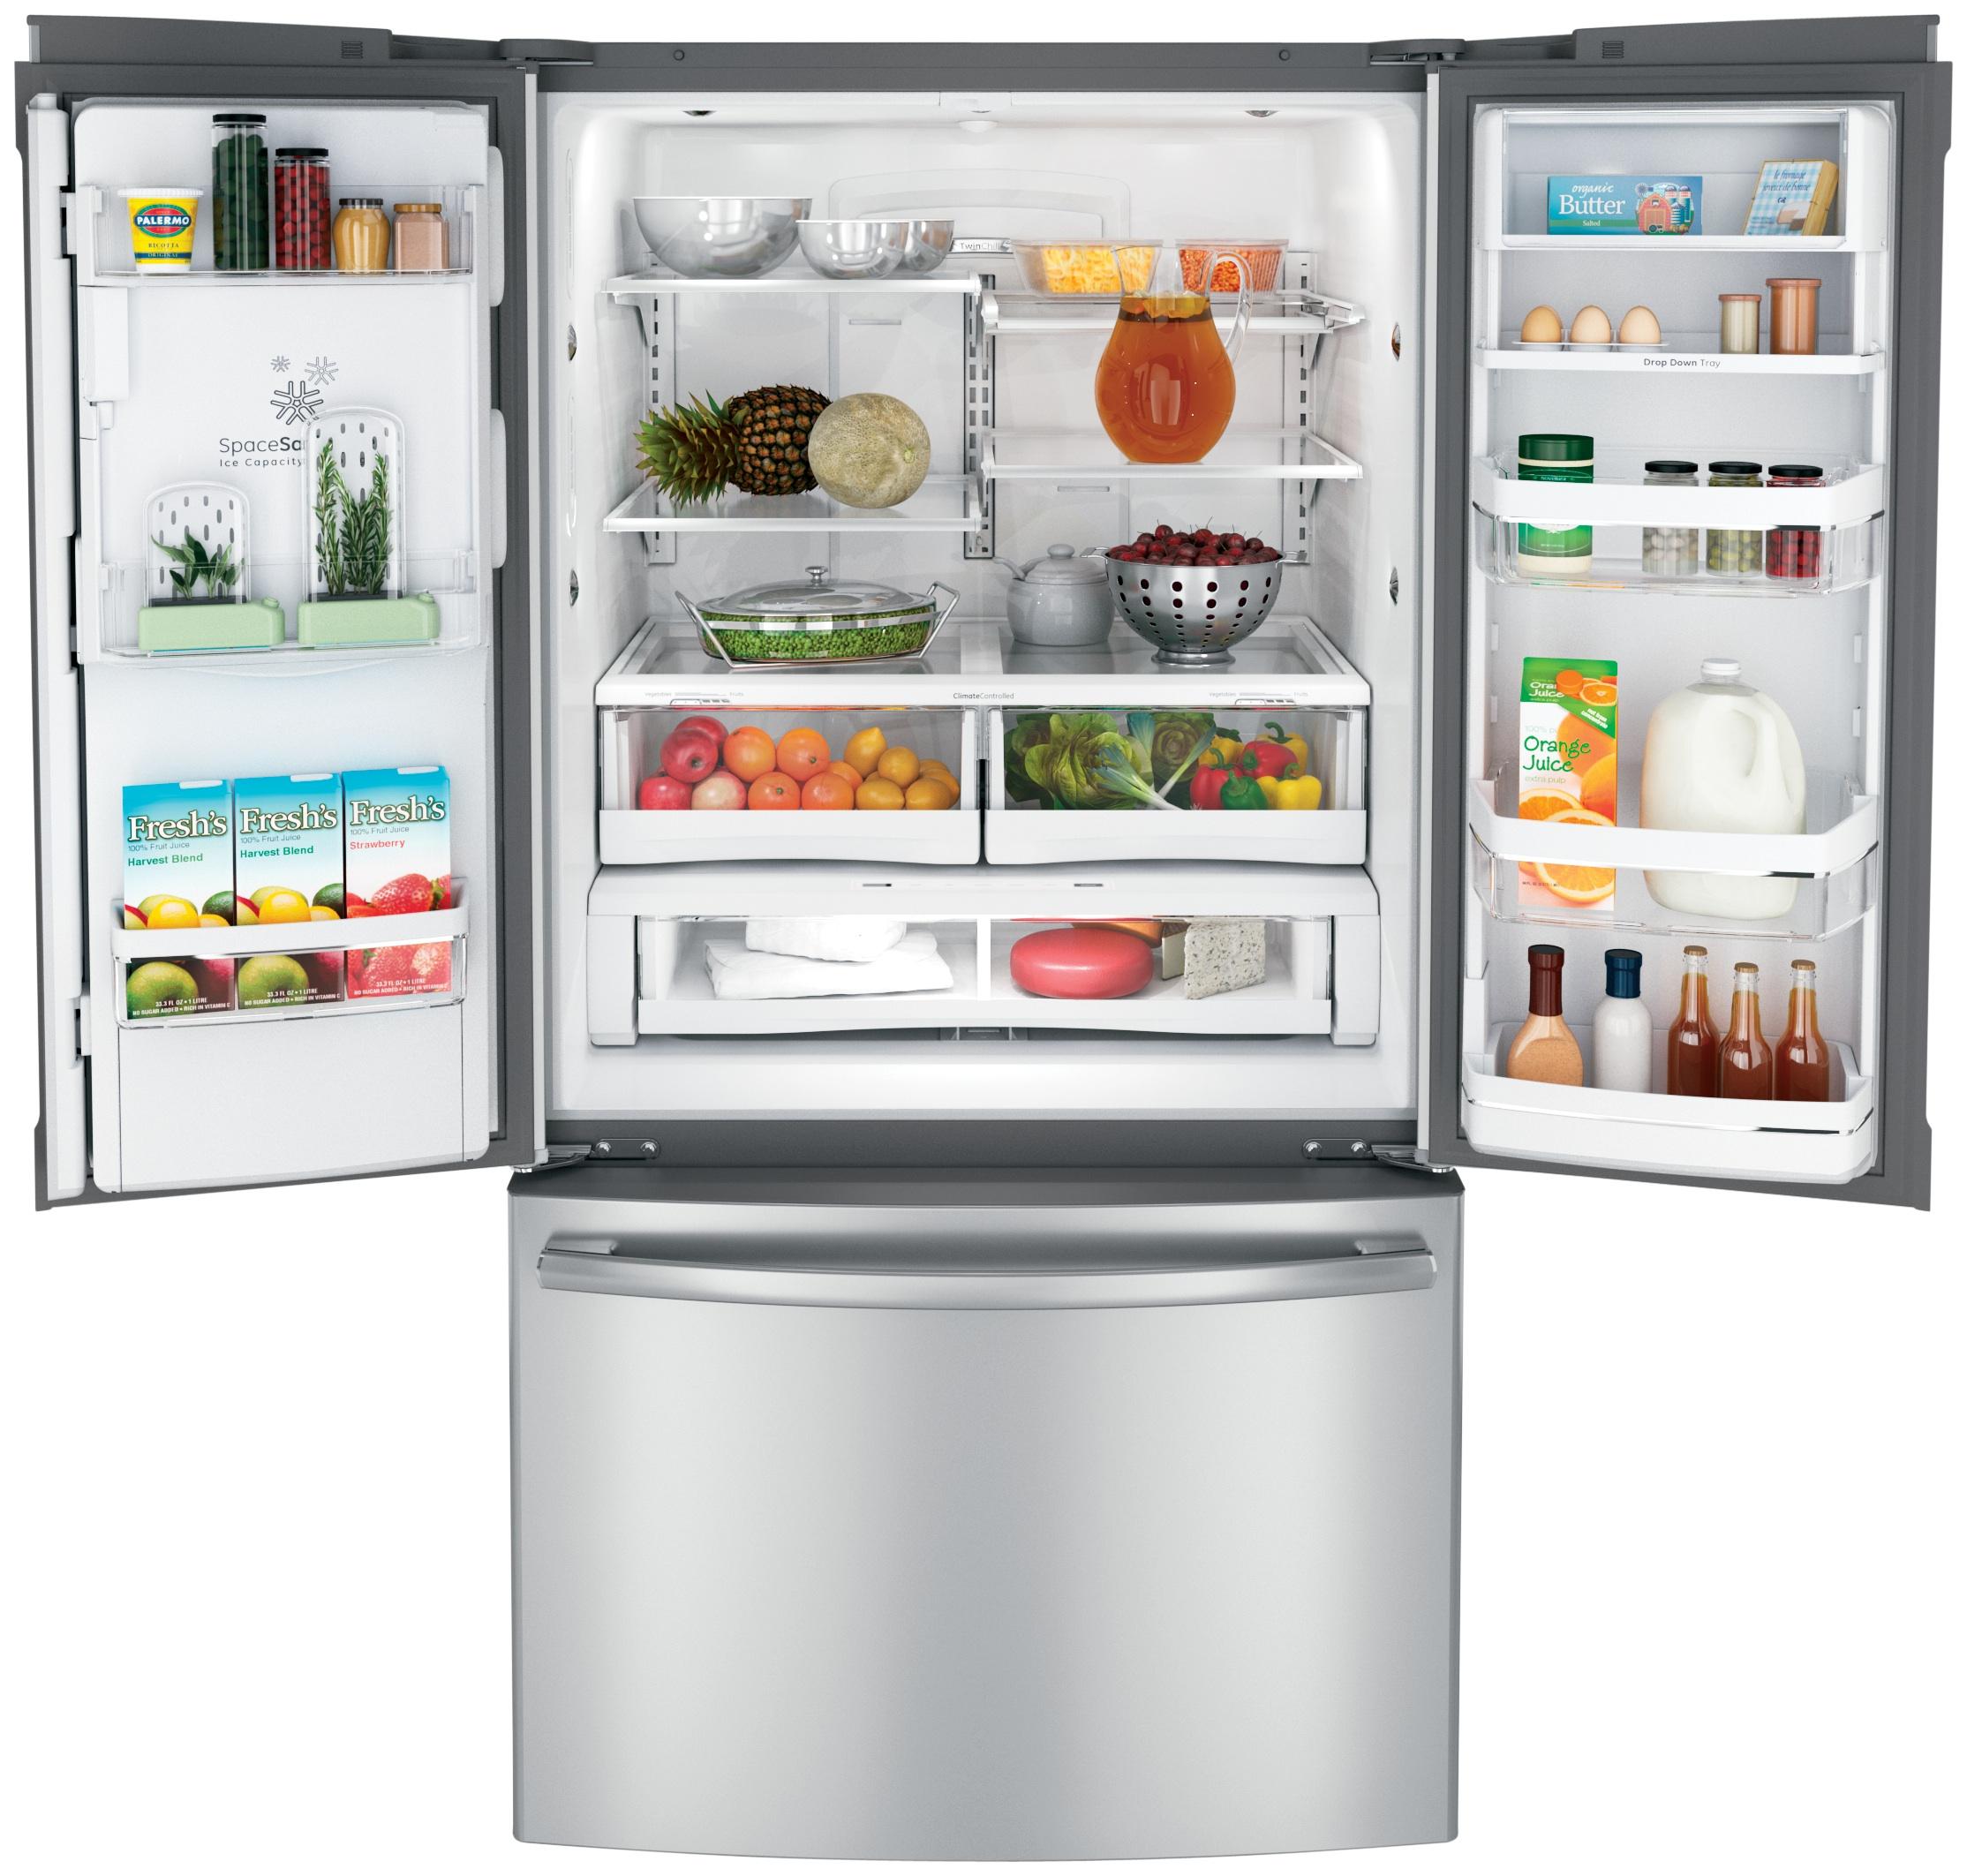 Refrigerator swing doors space needed  sc 1 st  Breezer Freezer & Refrigerator swing doors space needed - Breezer Freezer